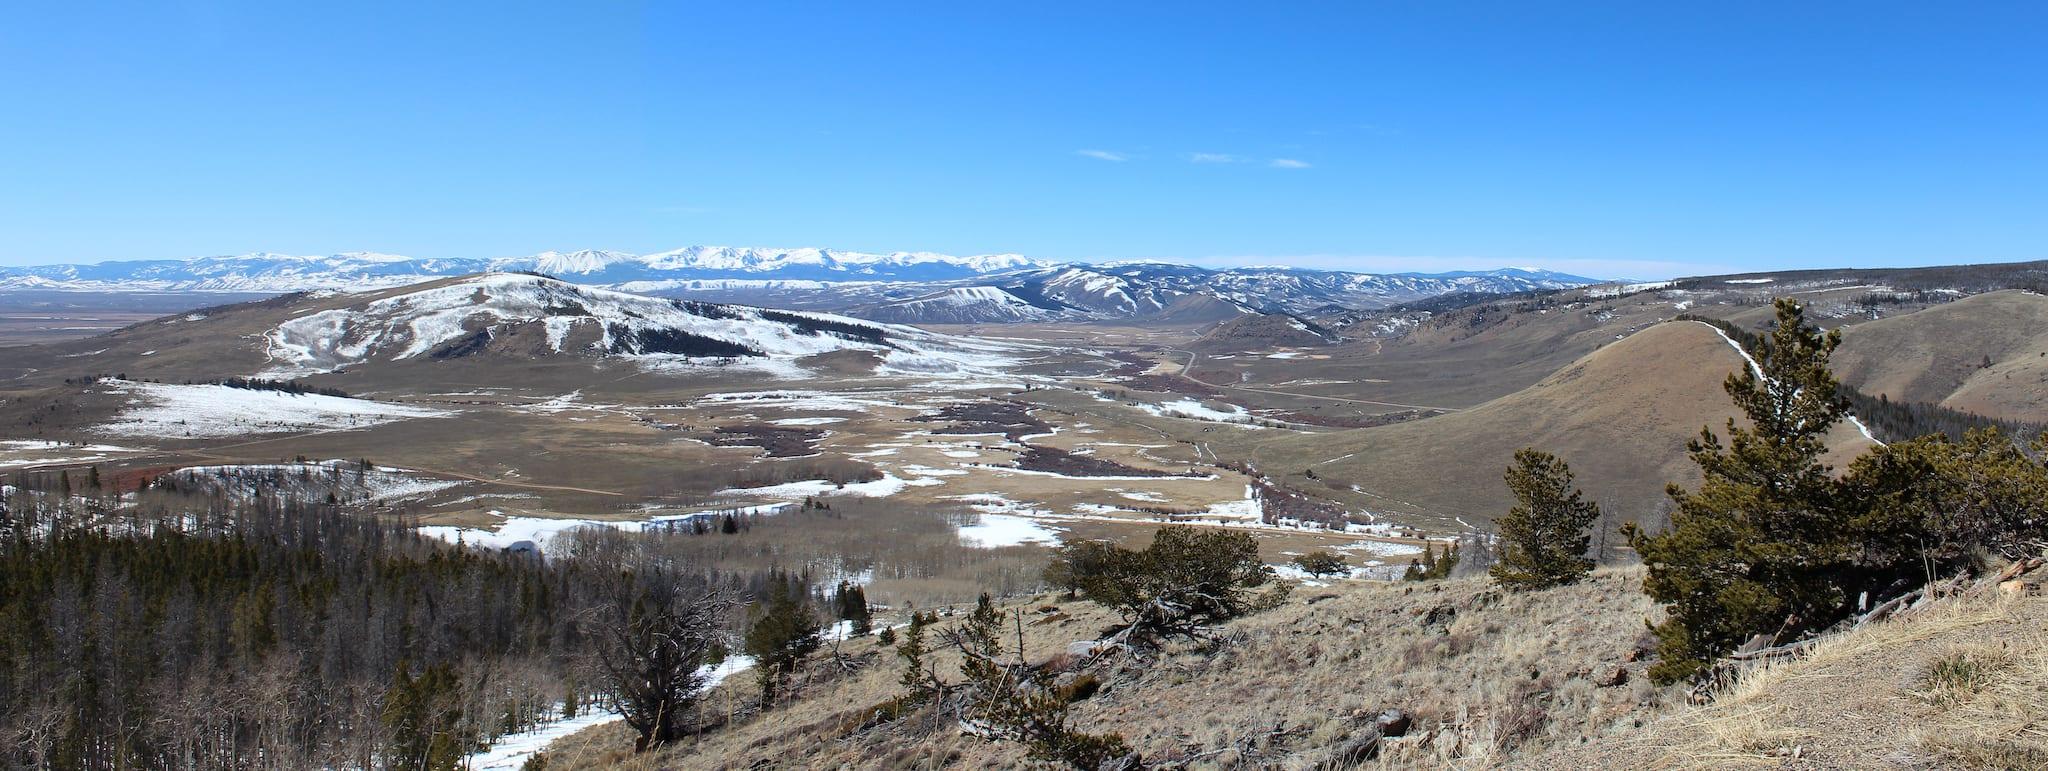 Cowdrey Colorado Aerial View